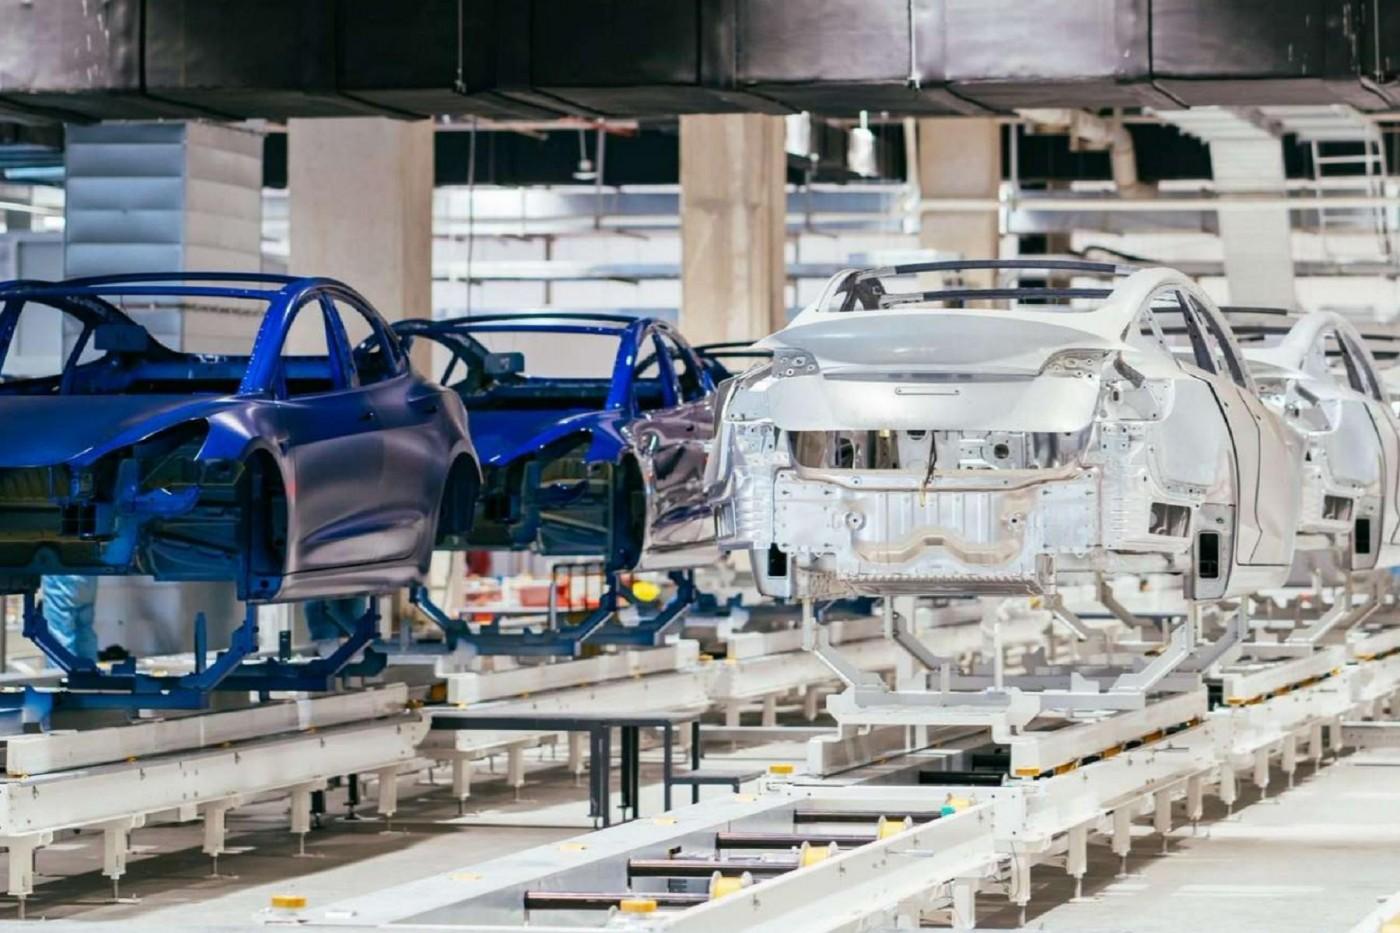 不到一年就投產!特斯拉首批上海製造Model 3今交車,減稅加補貼政策助攻中國業績